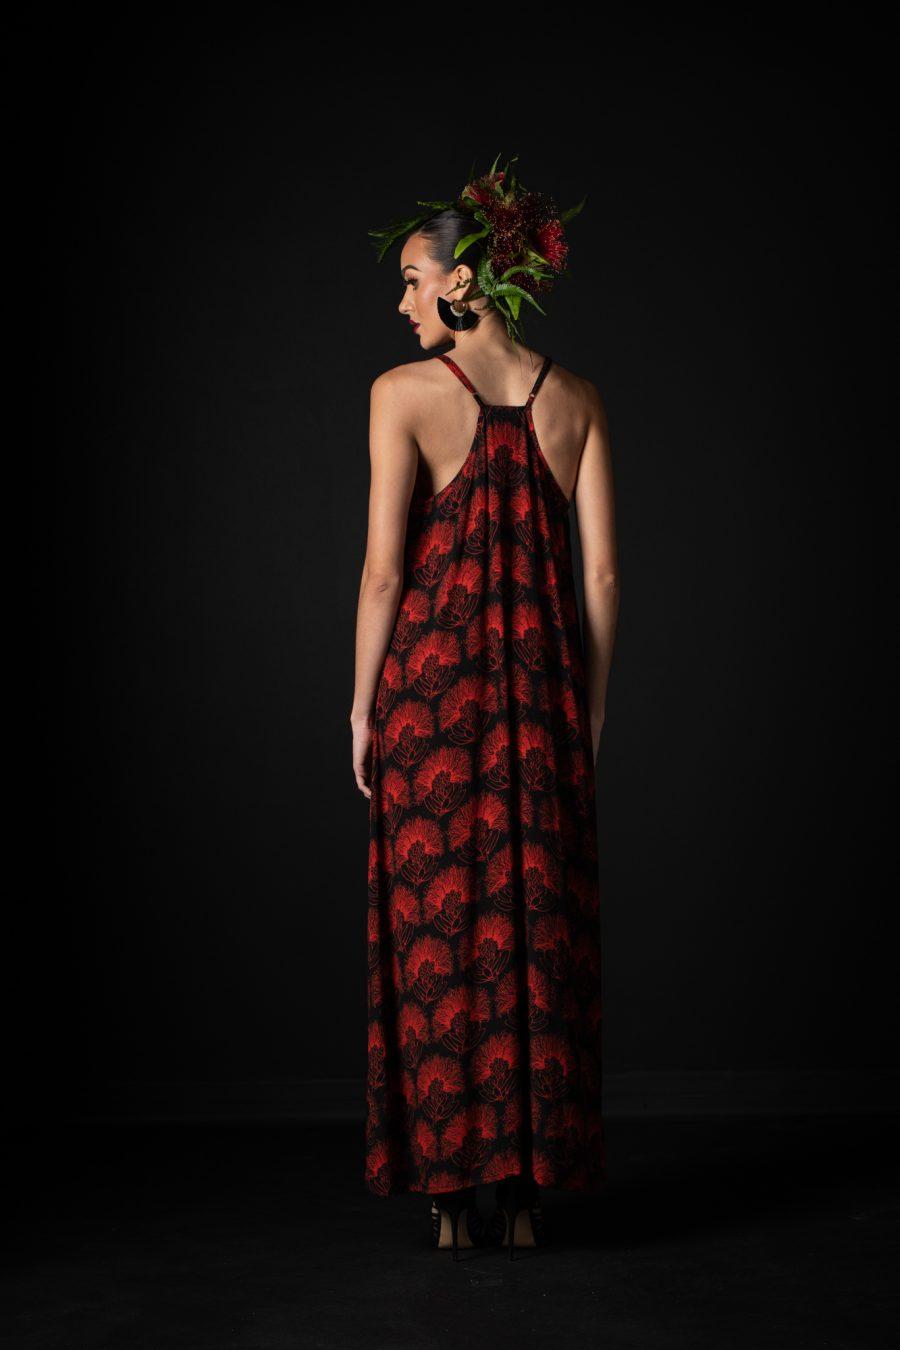 Model wearing Lanihau Dress in Black Fiery Red Kalihilehua Pattern- Back View